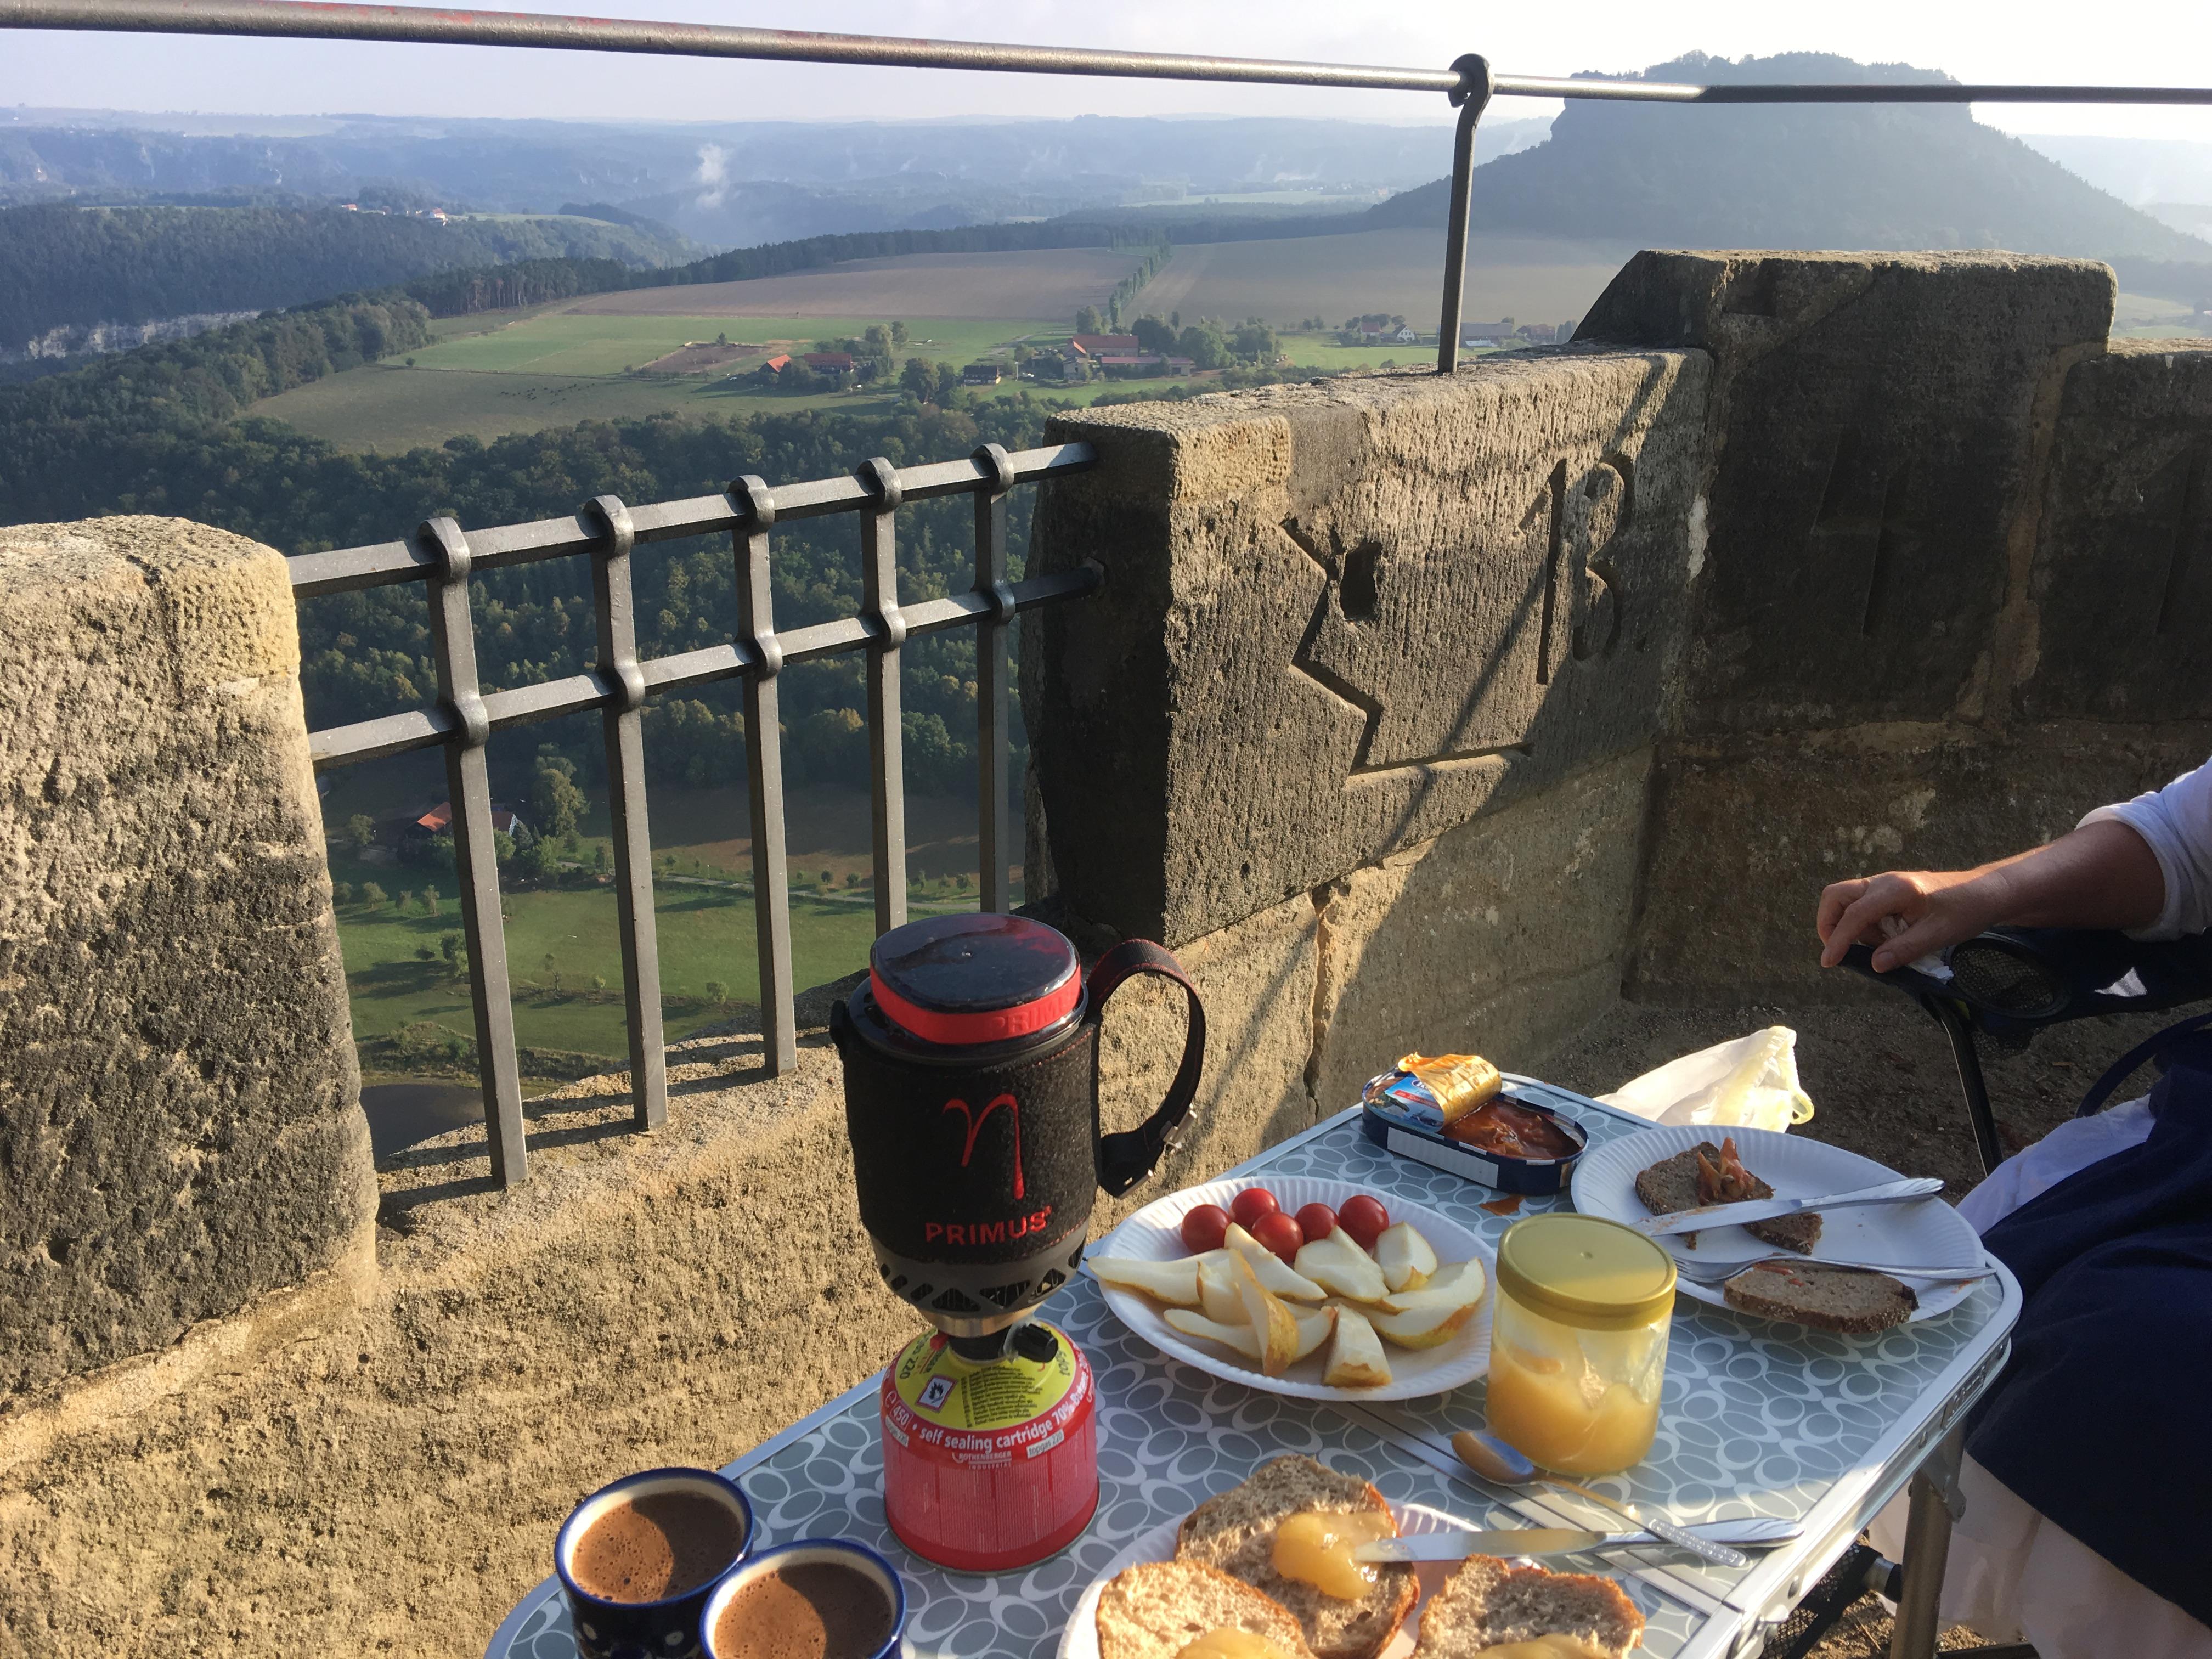 Wenn man die Chance hat, an so einem schönen Ort zu frühstücken, ist dieser Kocher unheimlich praktisch (Bild mit Vorgängermodell).